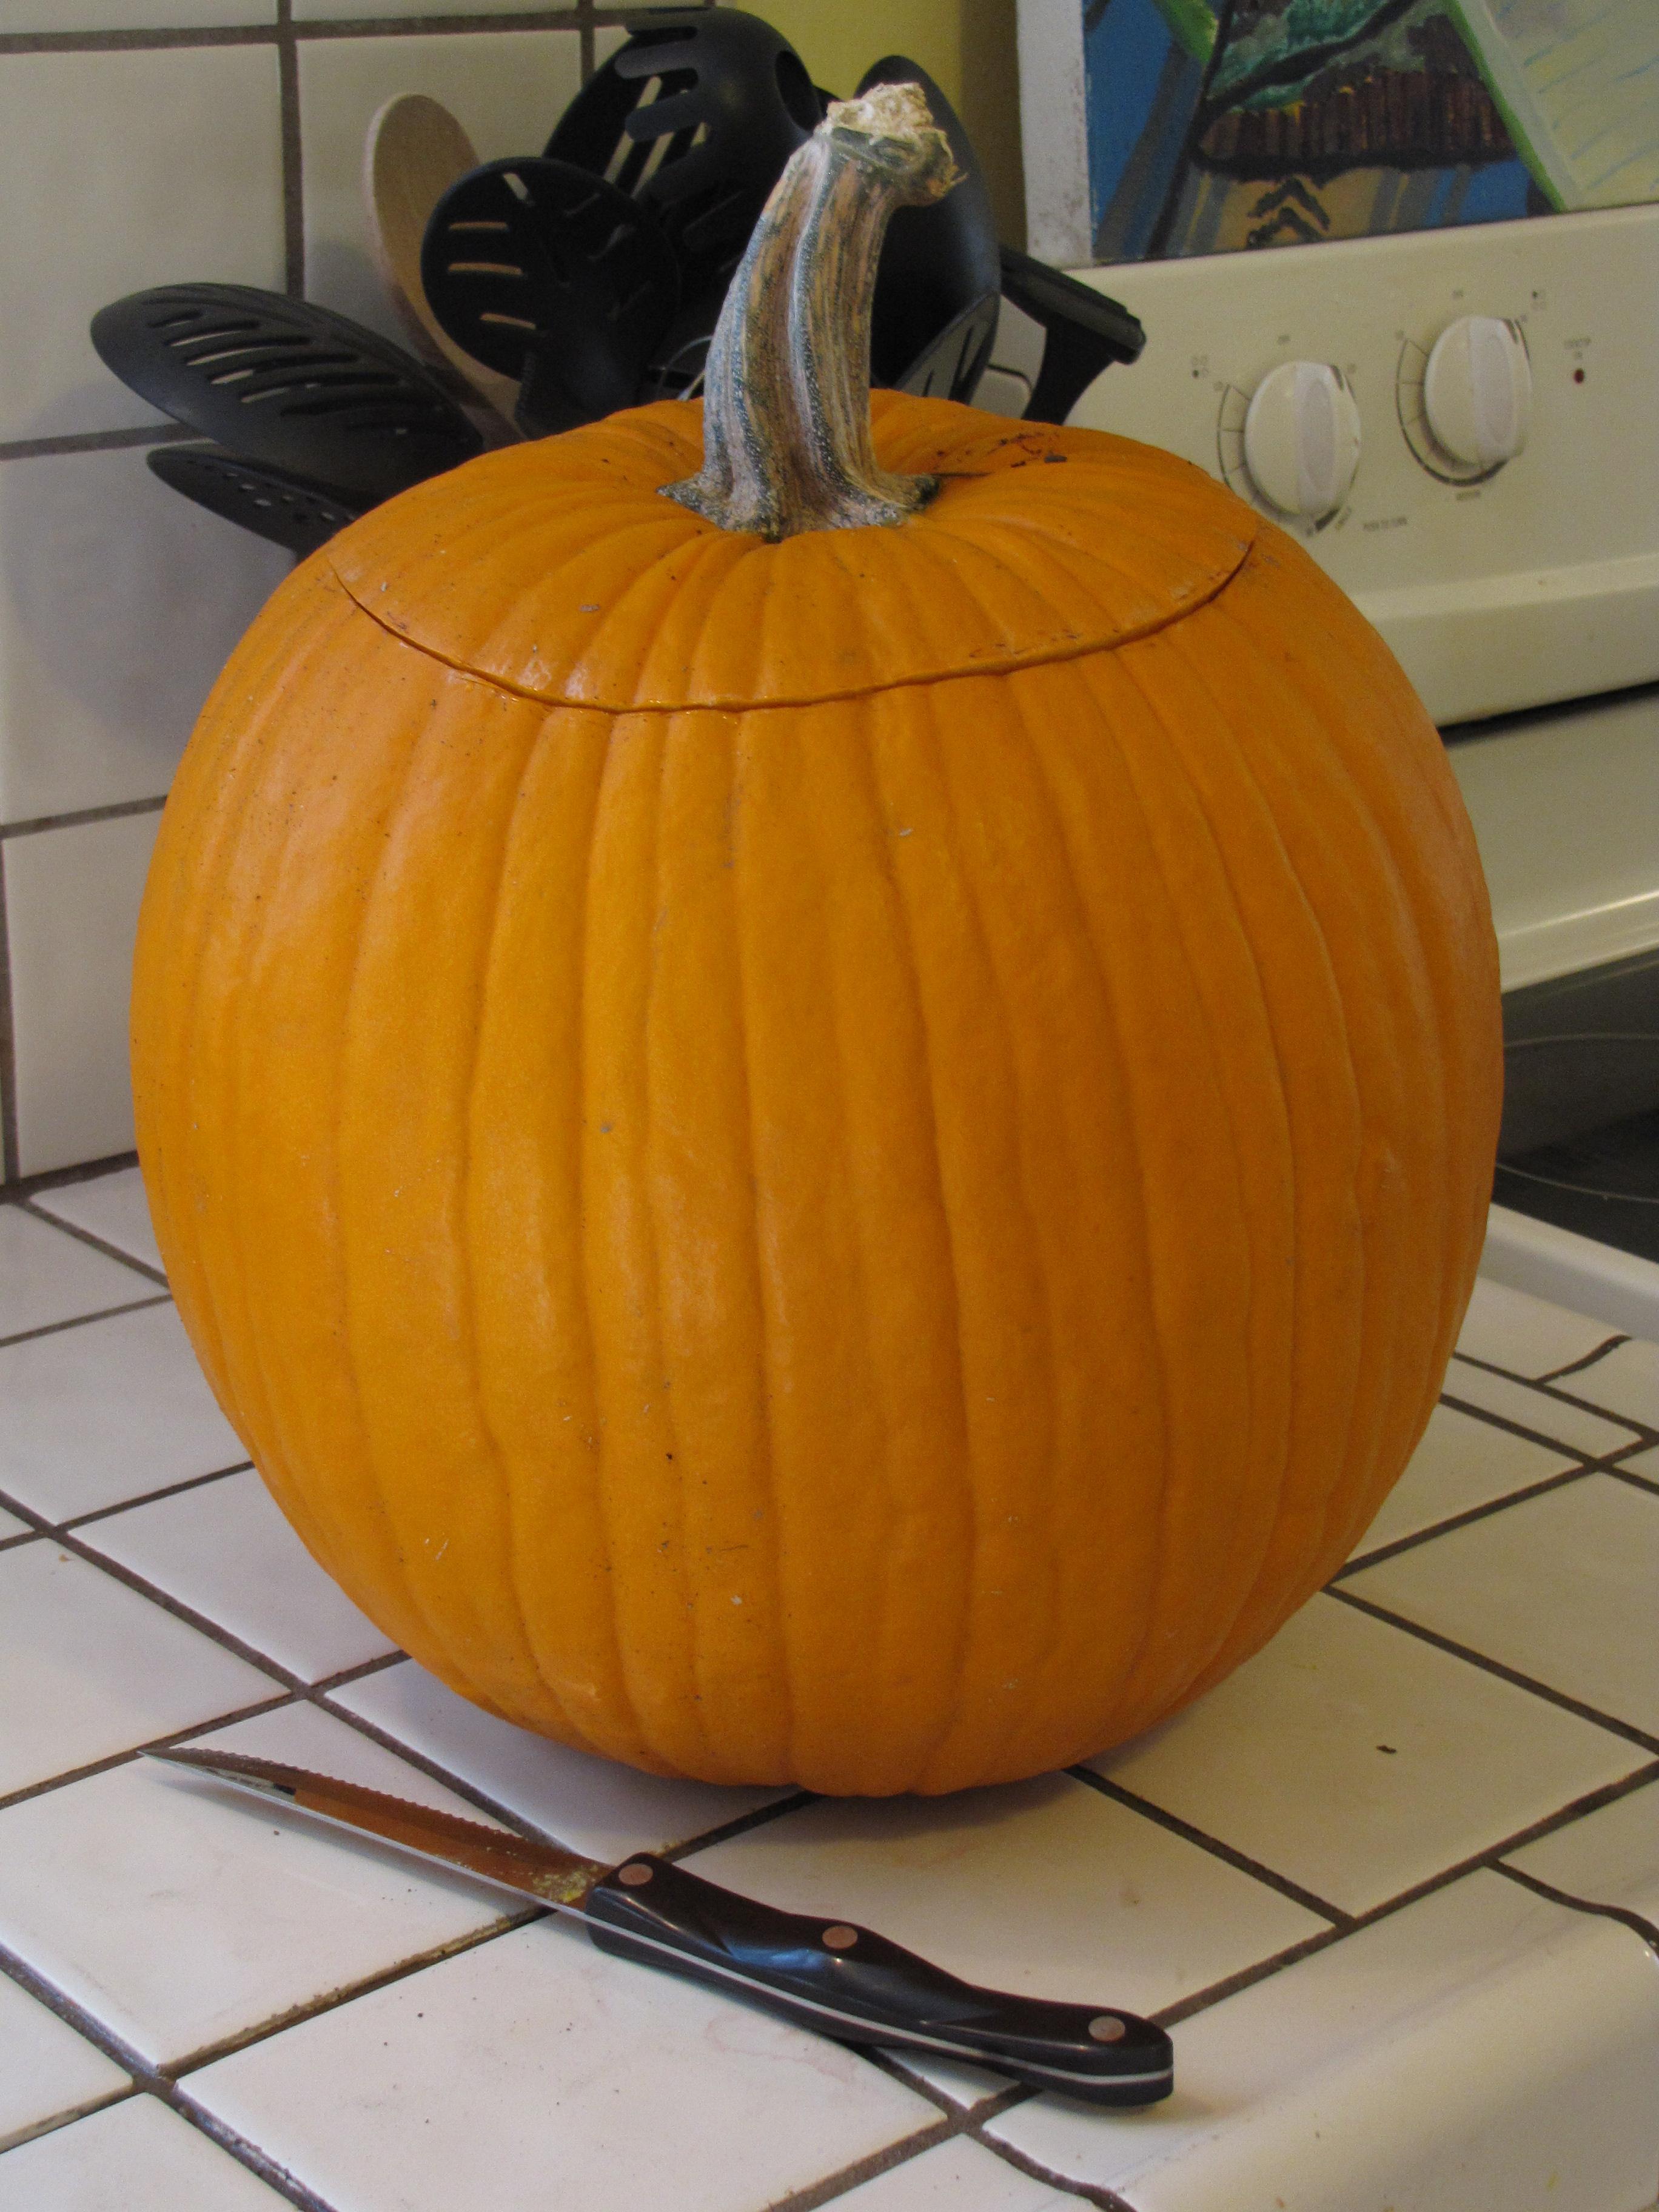 How To Cook A Jack O Lantern Pumpkin The Abundant Wife